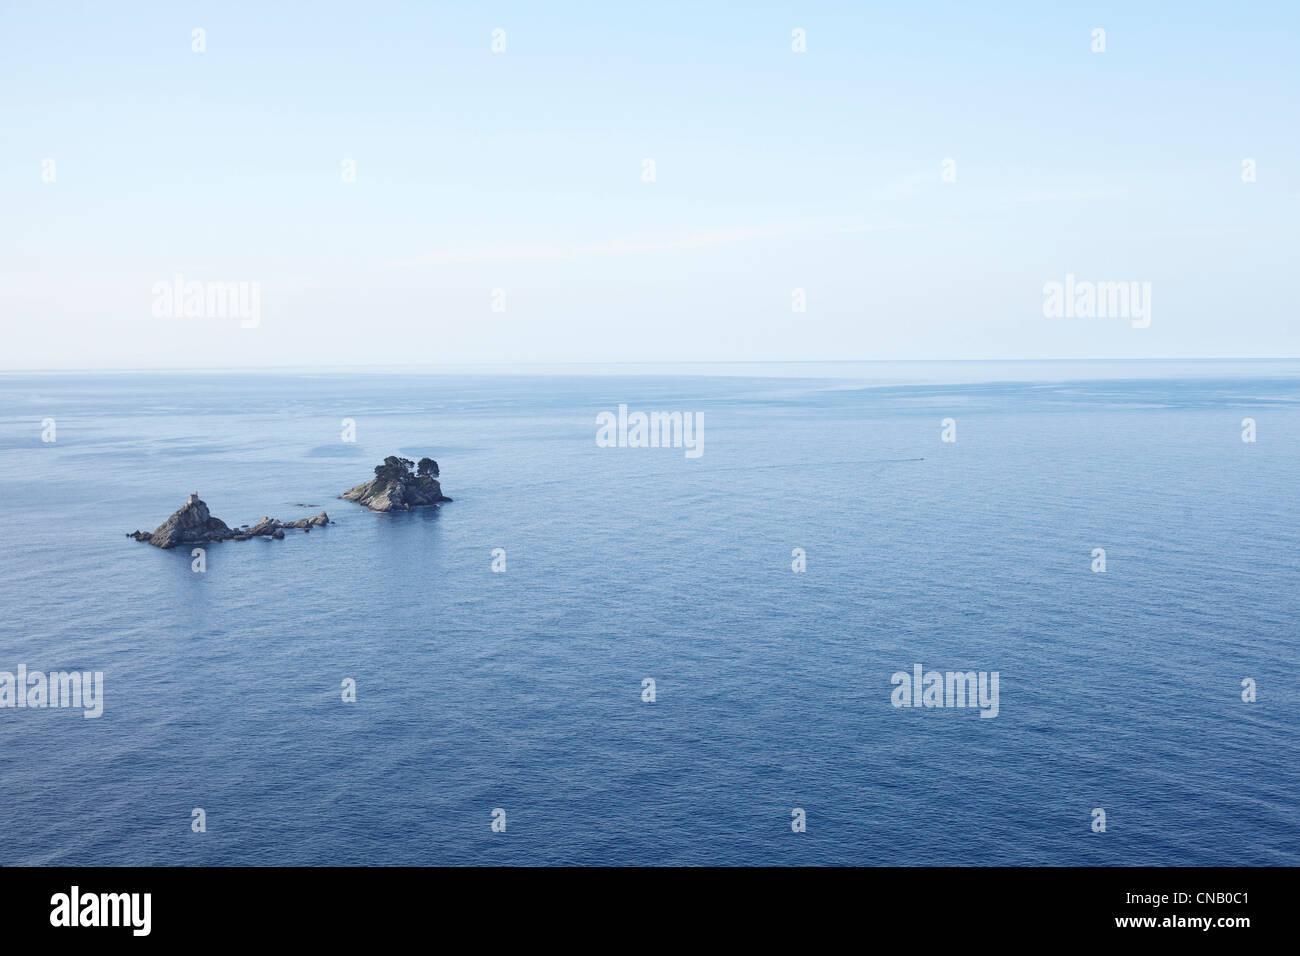 Rocks in still waters - Stock Image